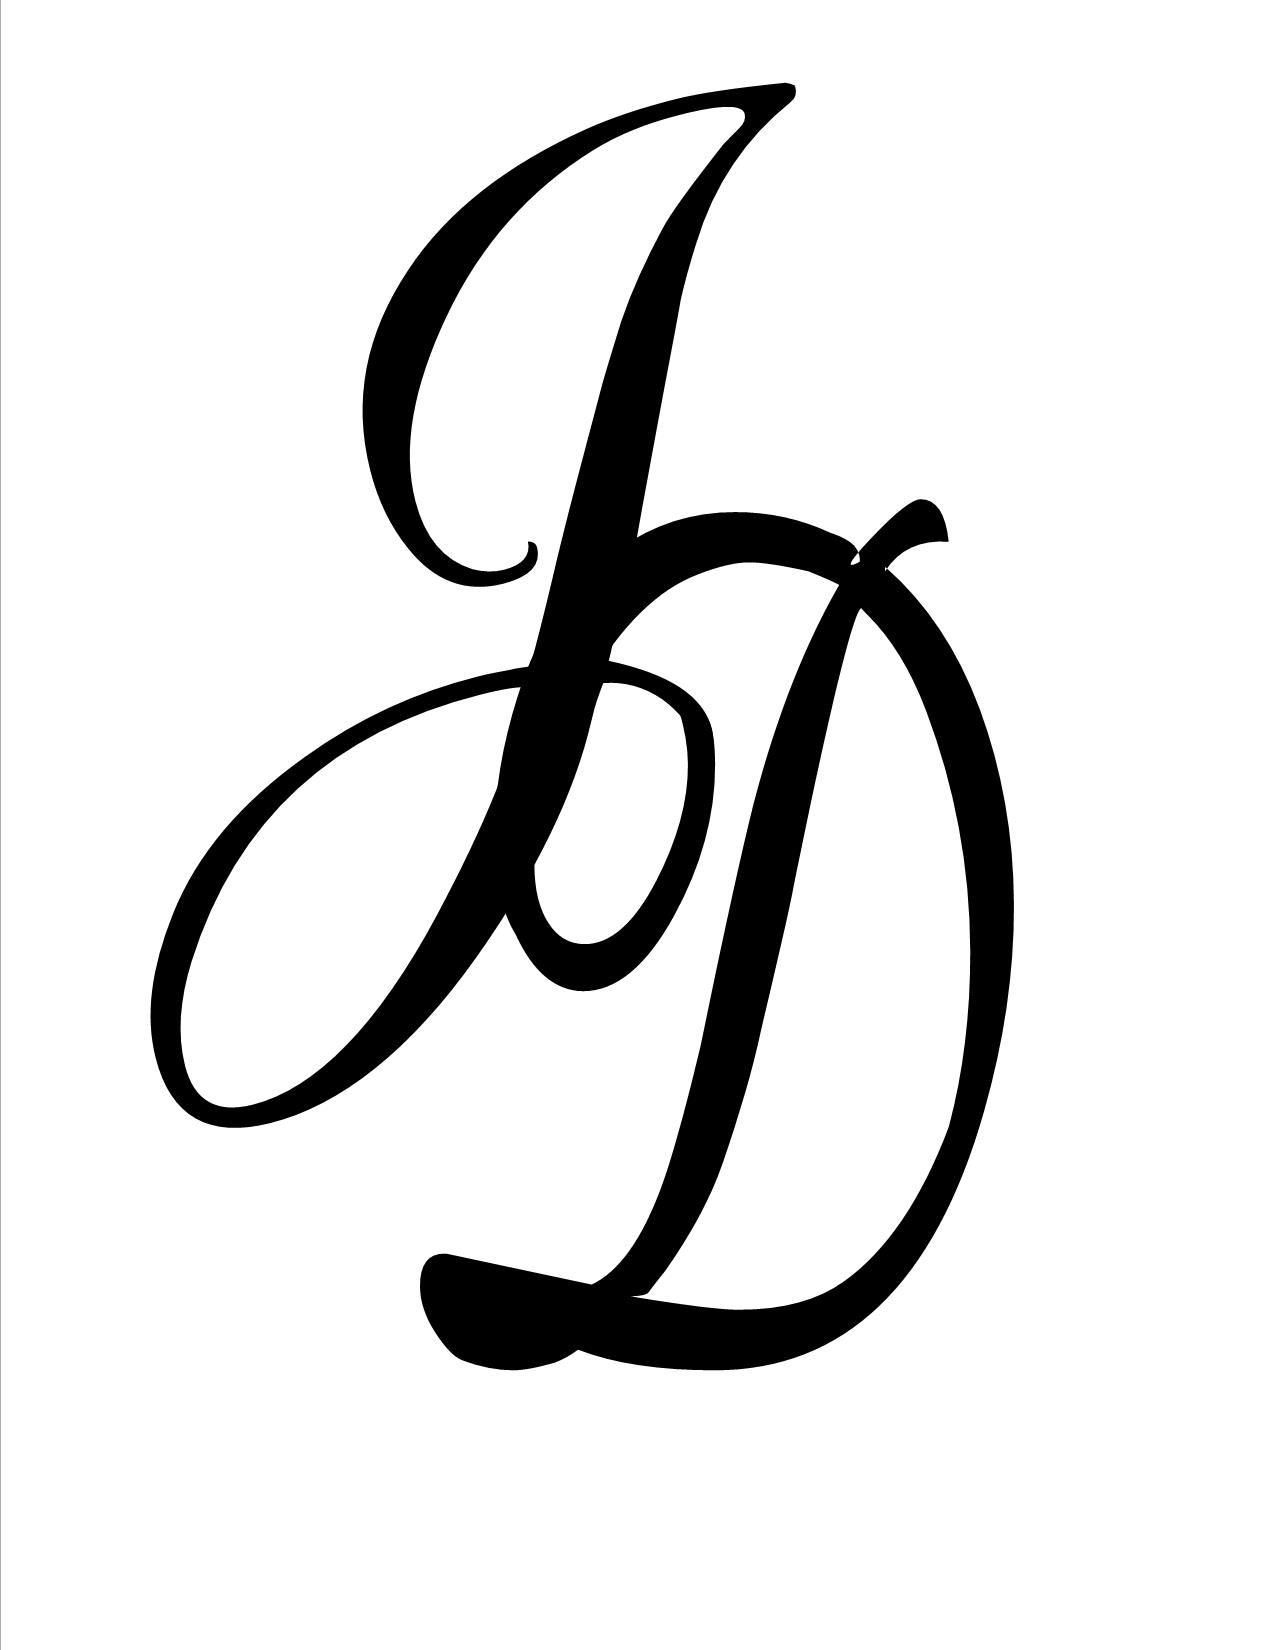 Jd Monogram J Tattoo Tattoo Lettering Letter D Tattoo